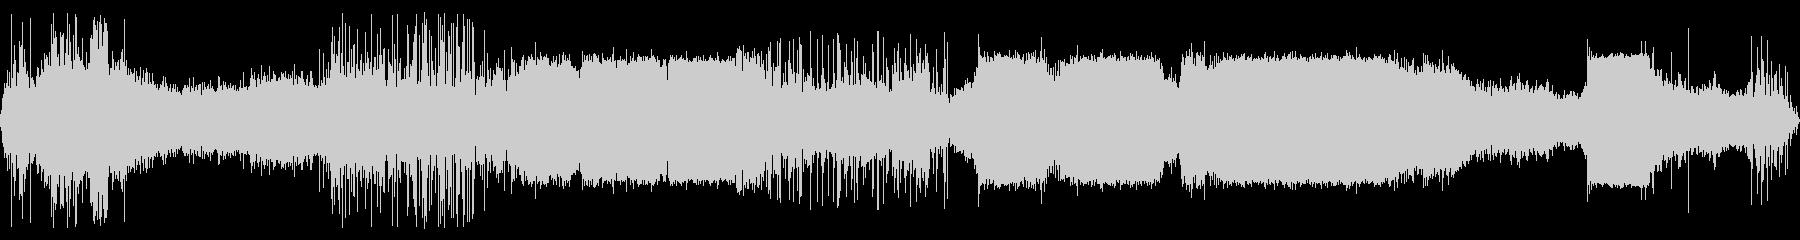 レンジローバーSUV:EXT:オン...の未再生の波形